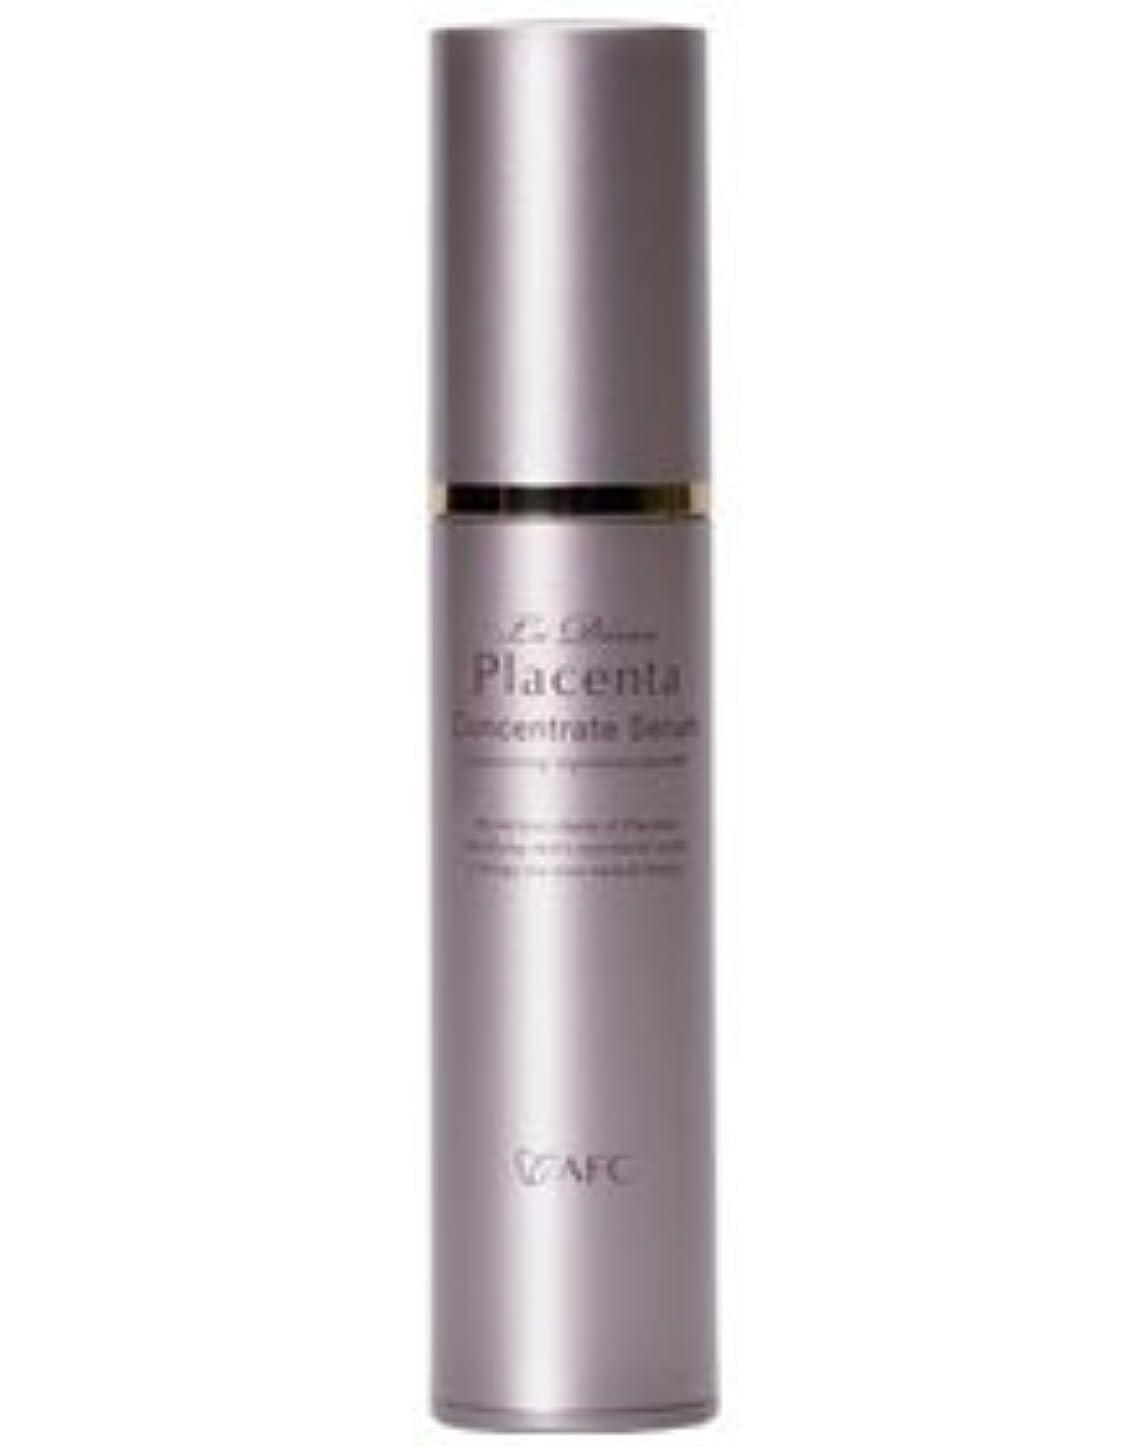 La D'eesse Placenta(ラ?デェス?プラセンタ) 美容液 コンセントレートセラム 30g